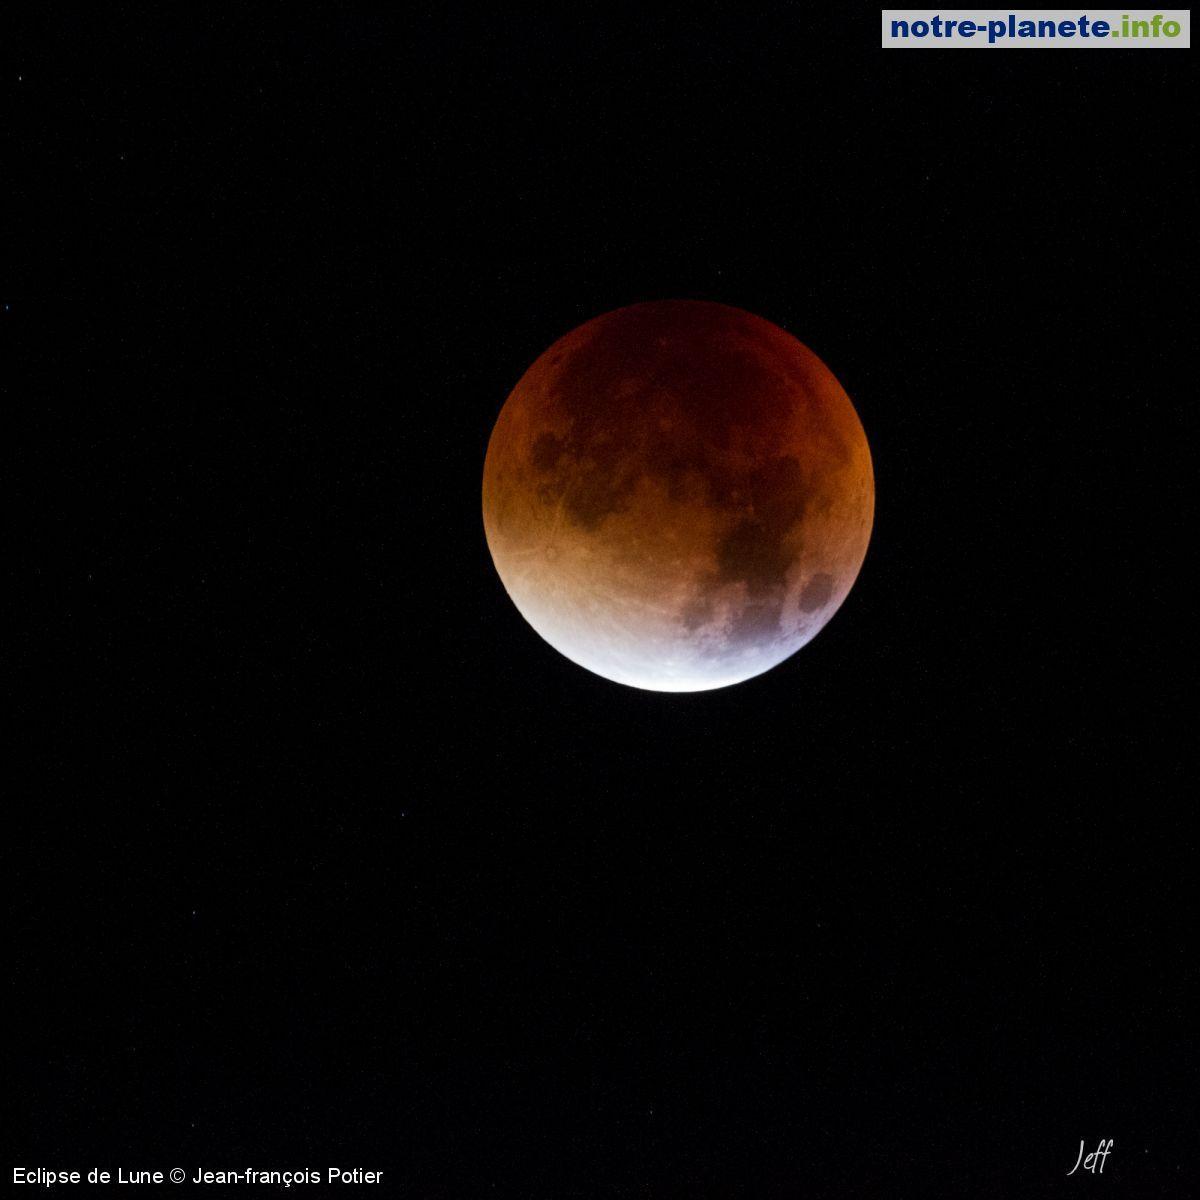 Eclipse de Lune = http://www.notre-planete.info/photos/5596-eclipse-lune-2015